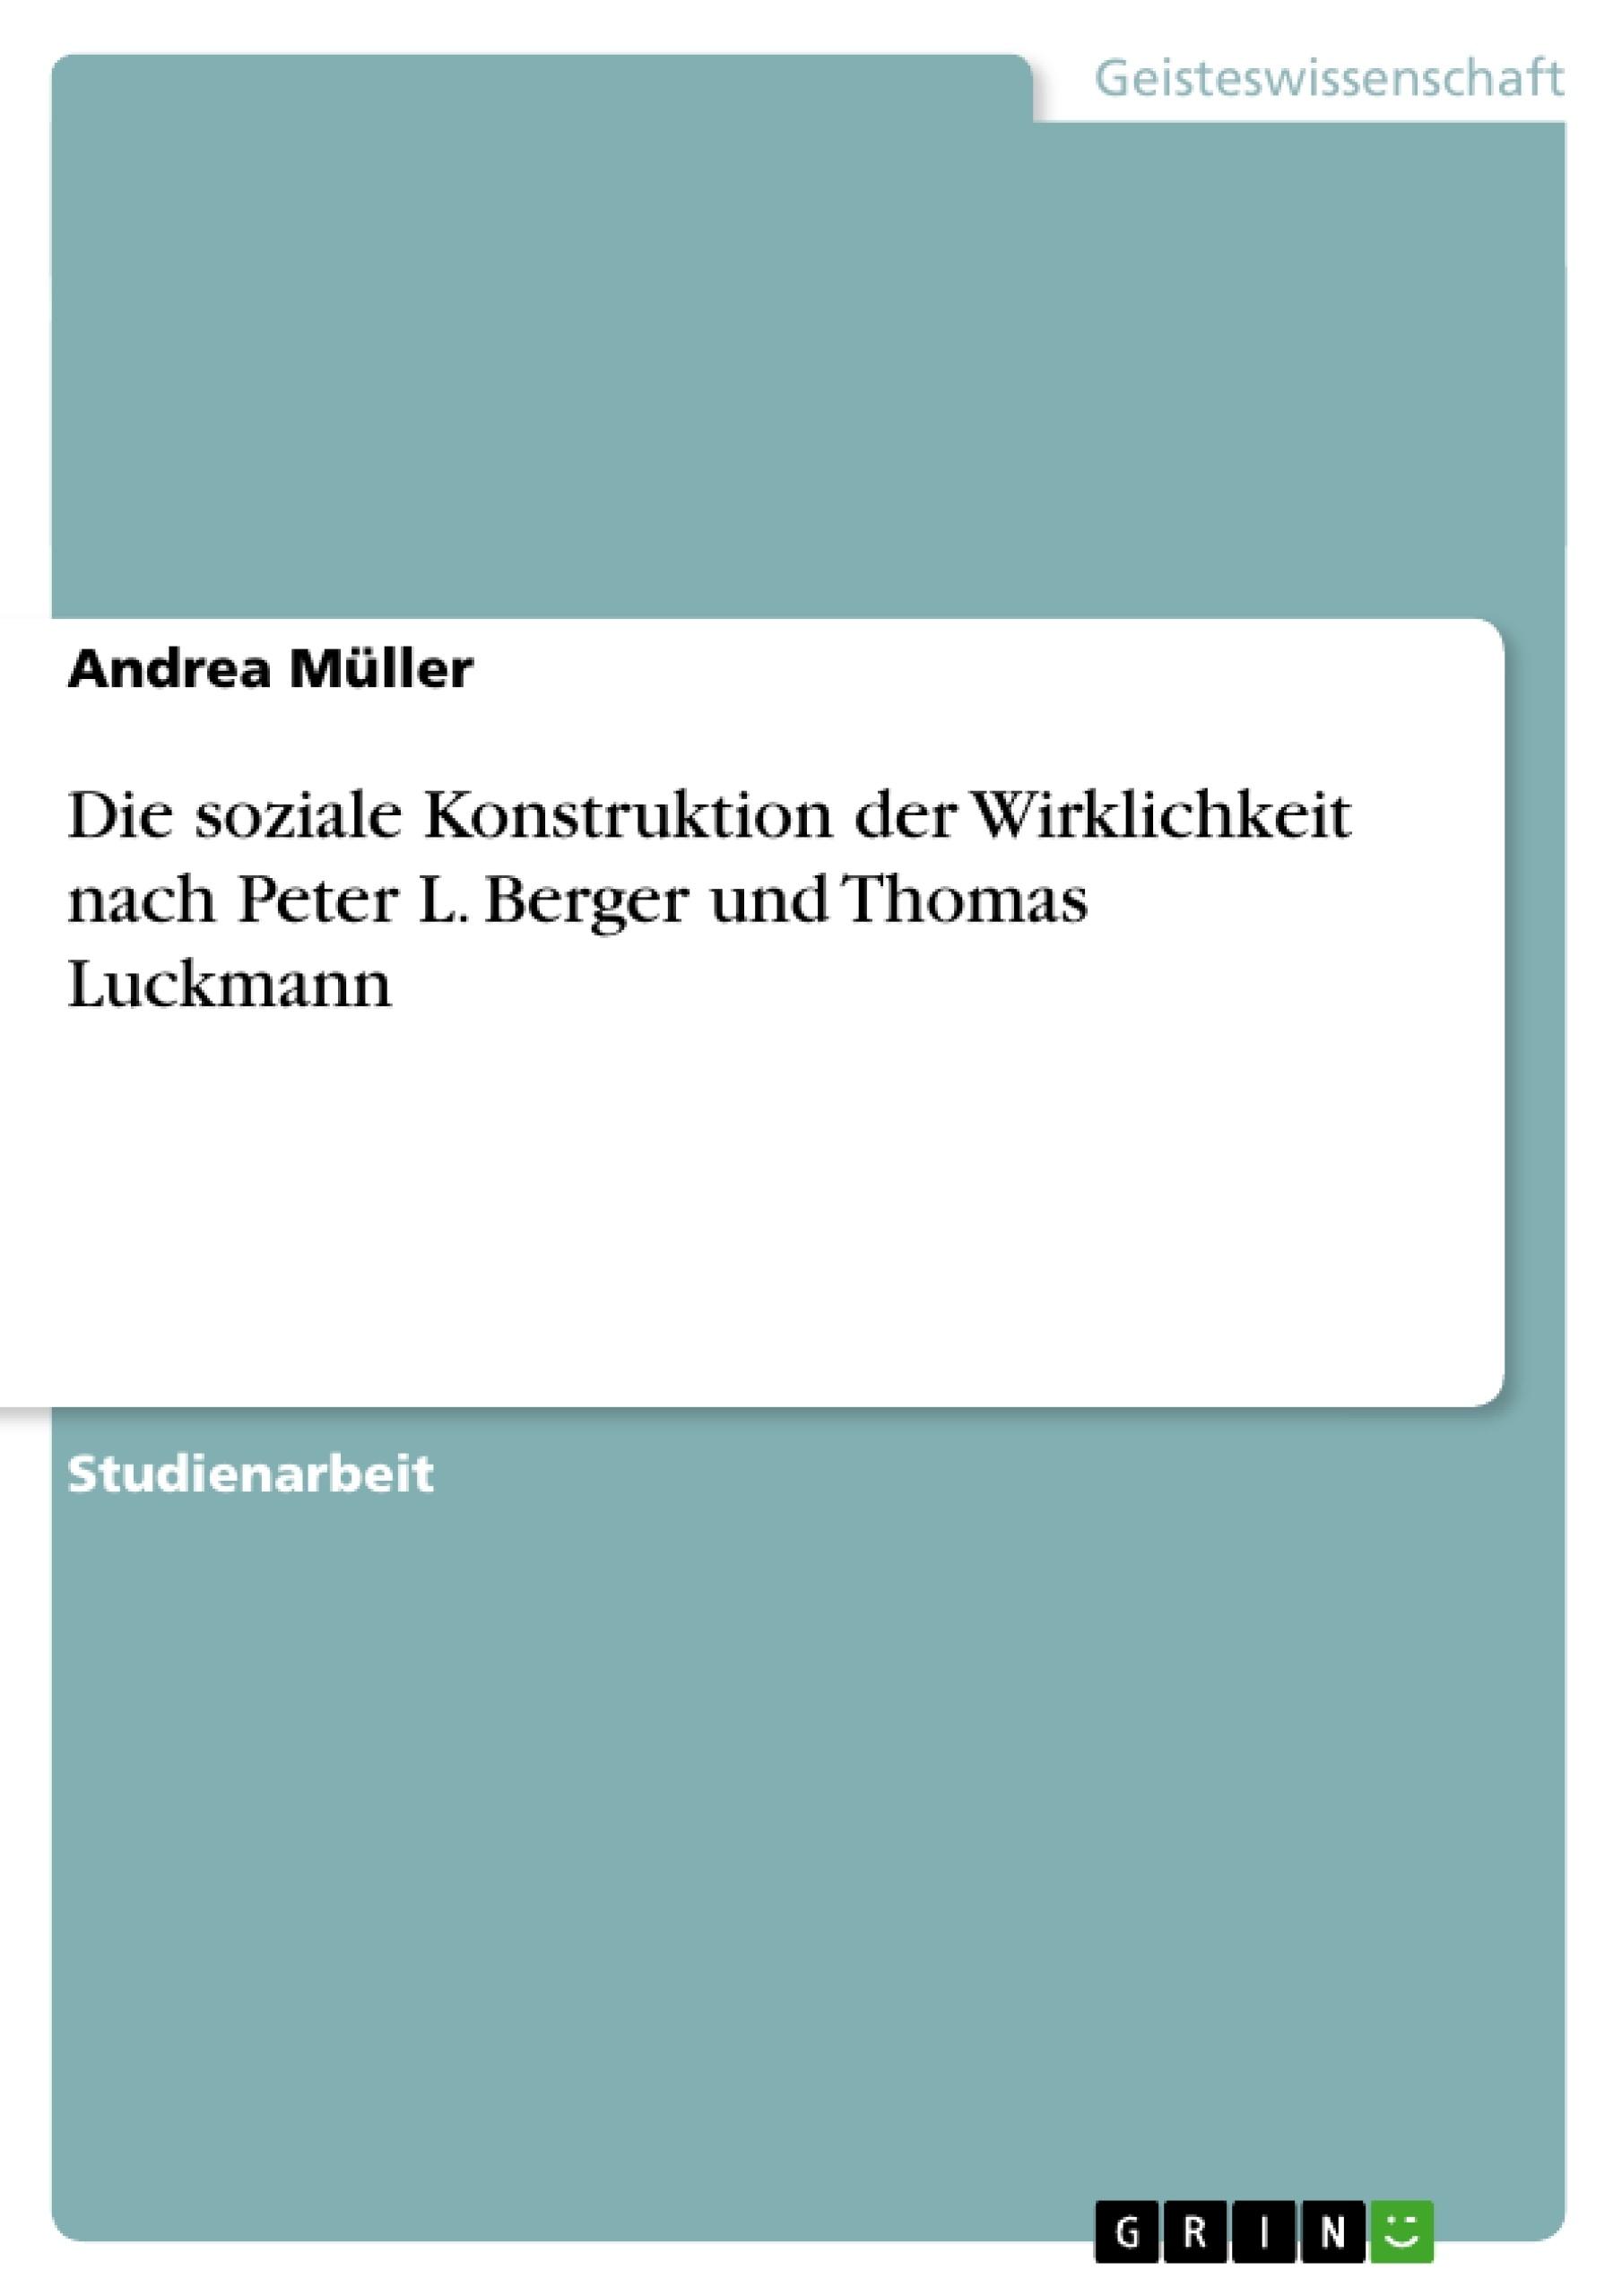 Titel: Die soziale Konstruktion der Wirklichkeit nach Peter L. Berger und Thomas Luckmann